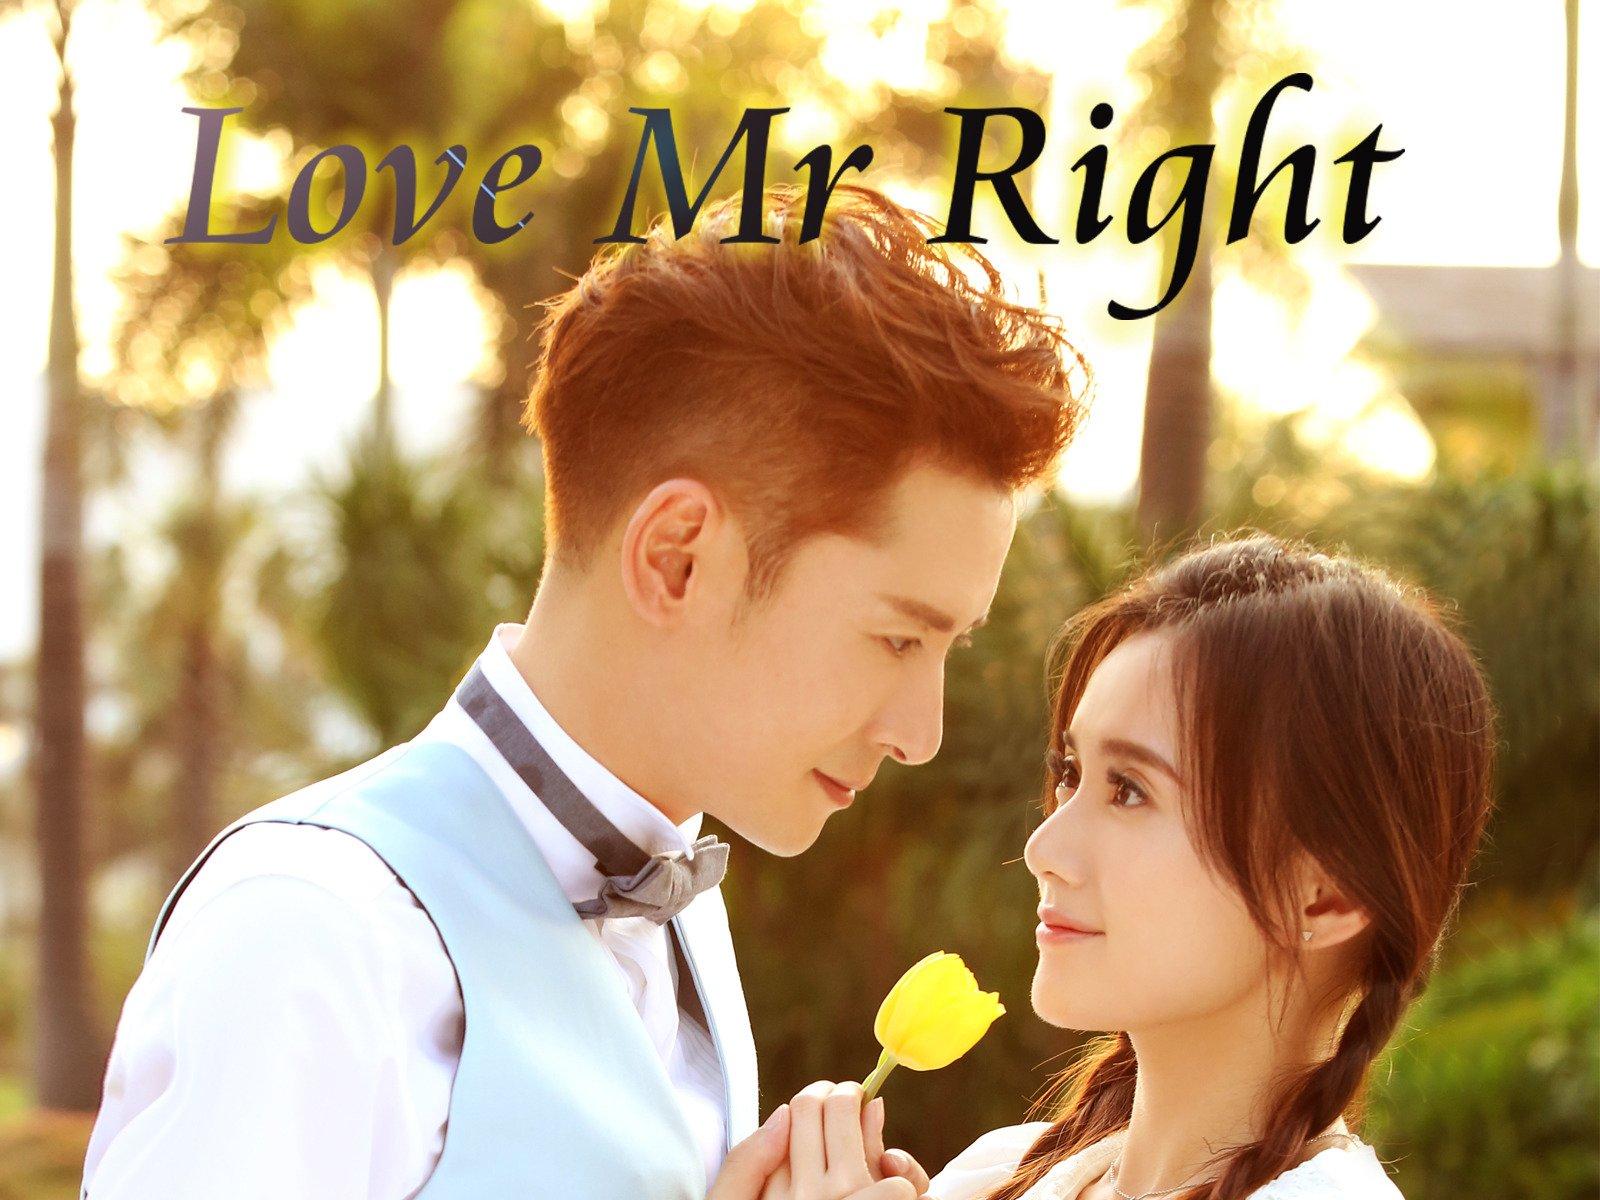 Love Mr Right